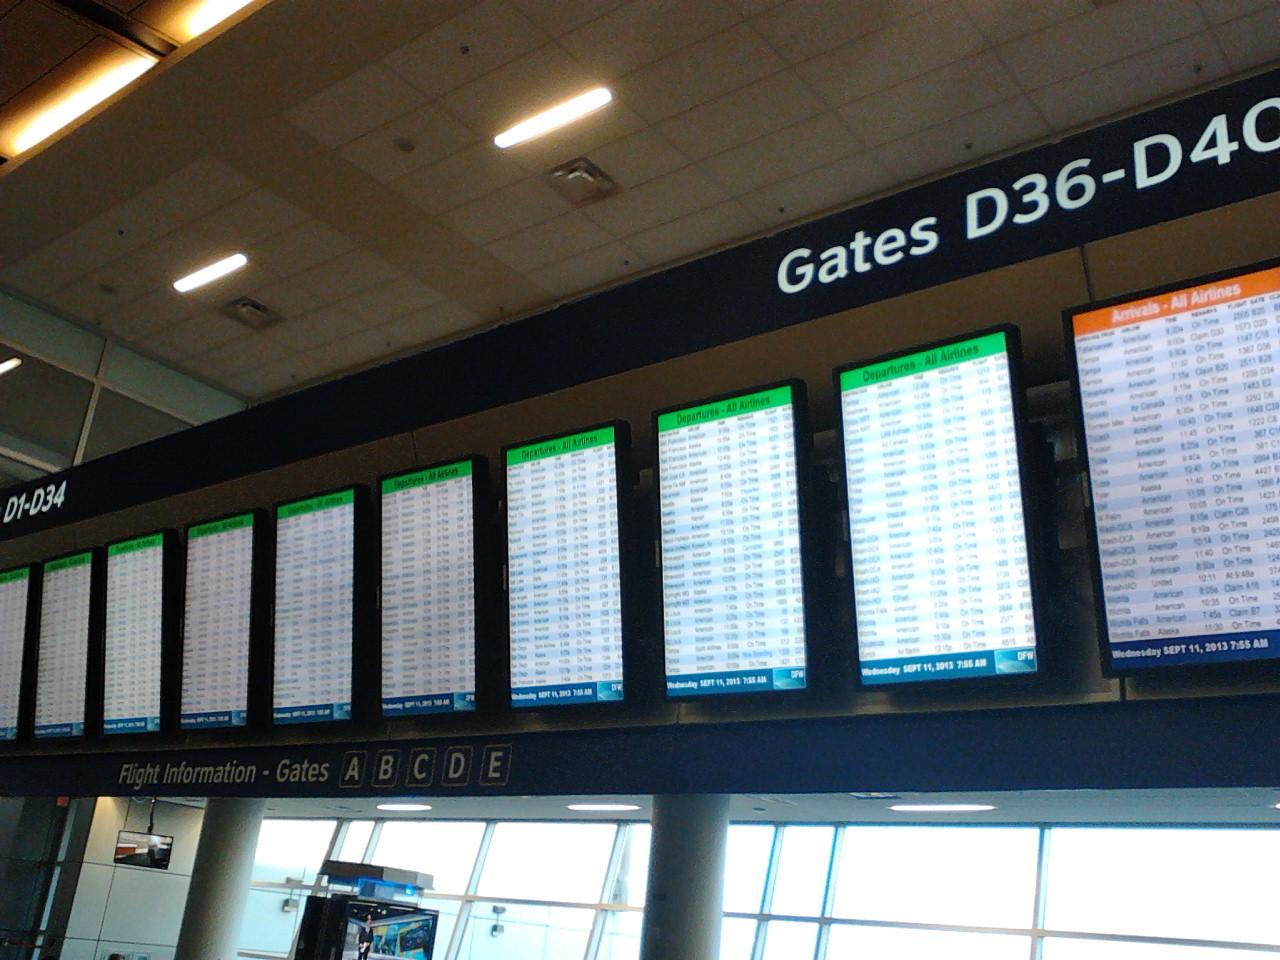 ダラスの出発便のスクリーン